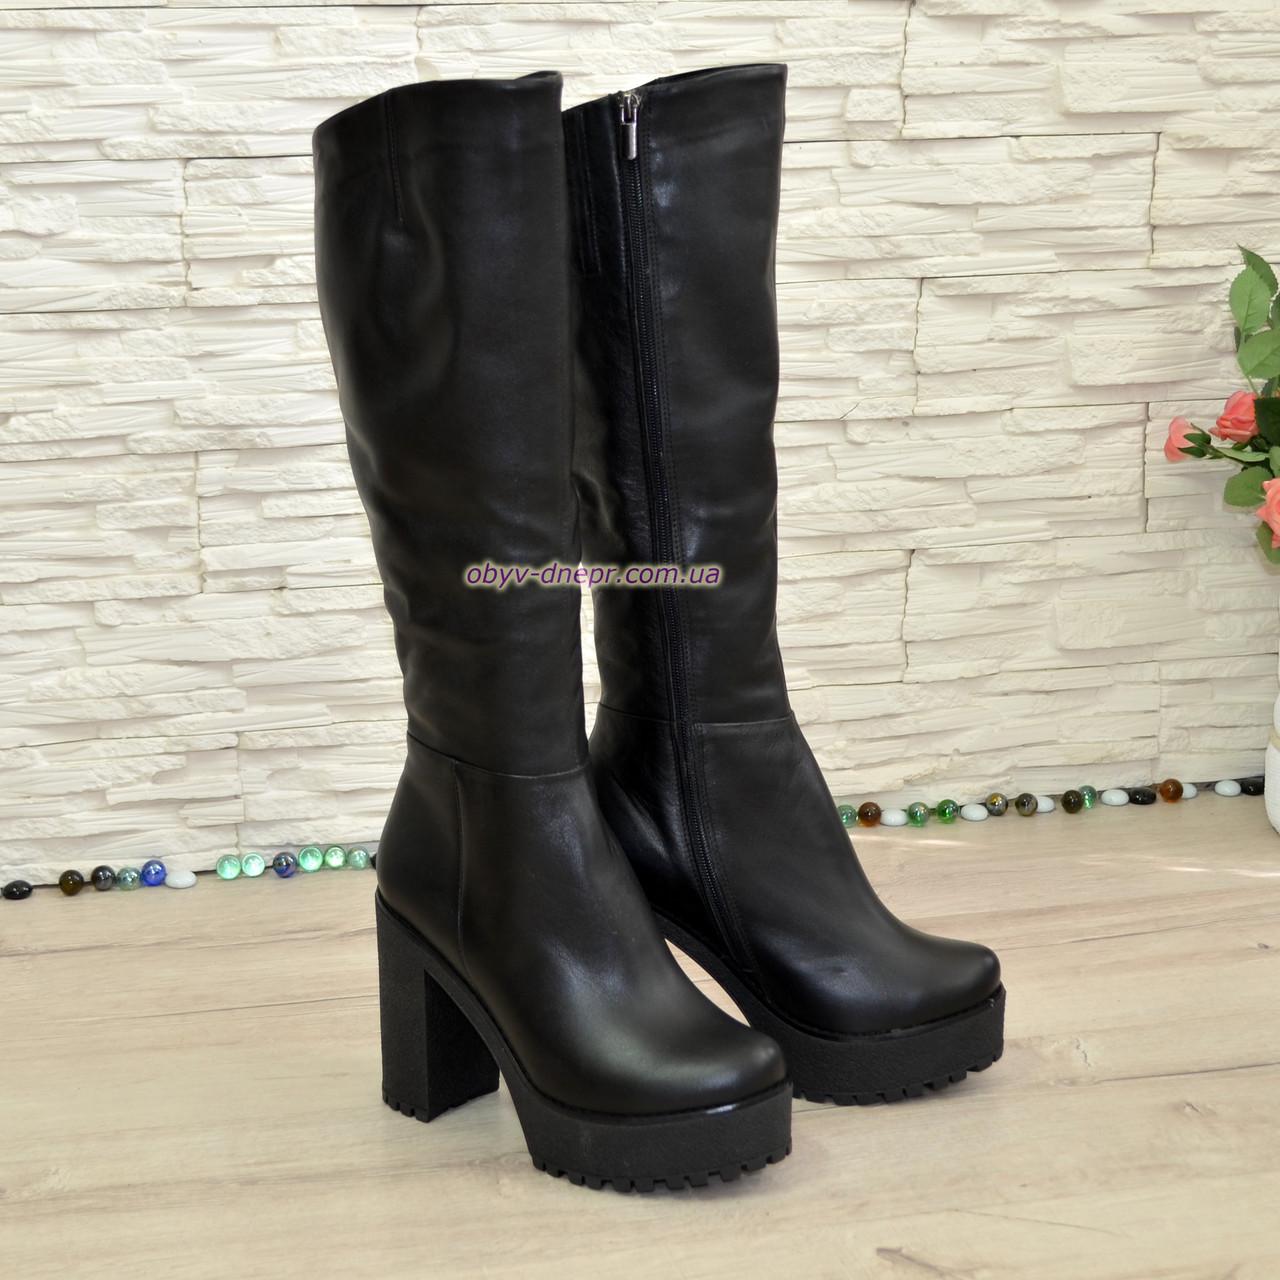 Жіночі чоботи на високих підборах, натуральна шкіра